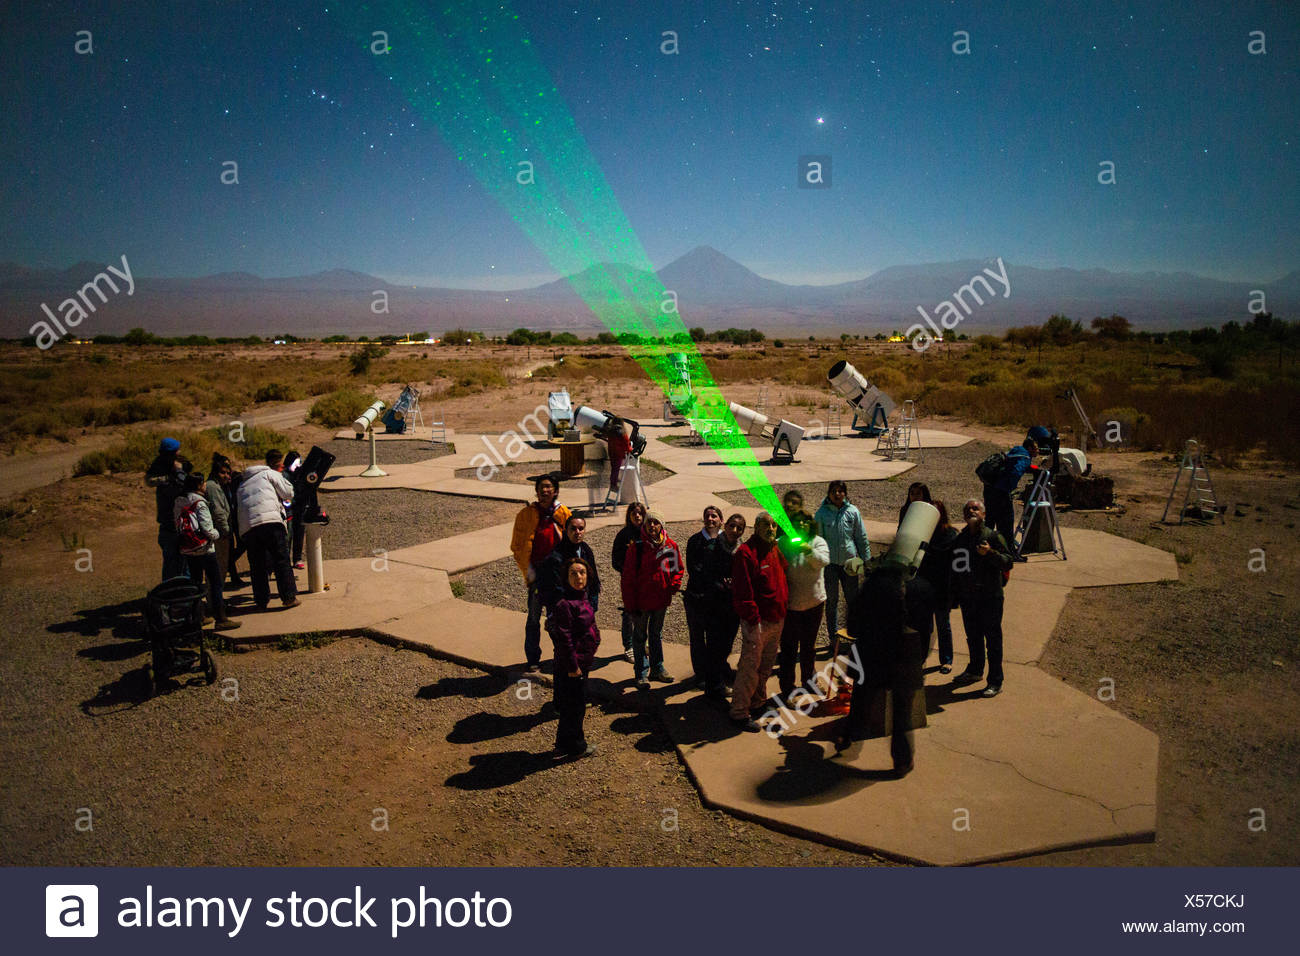 I turisti partecipare a una lezione di astronomia e osservazione al di fuori di San Pedro de Atacama, Cile. Immagini Stock